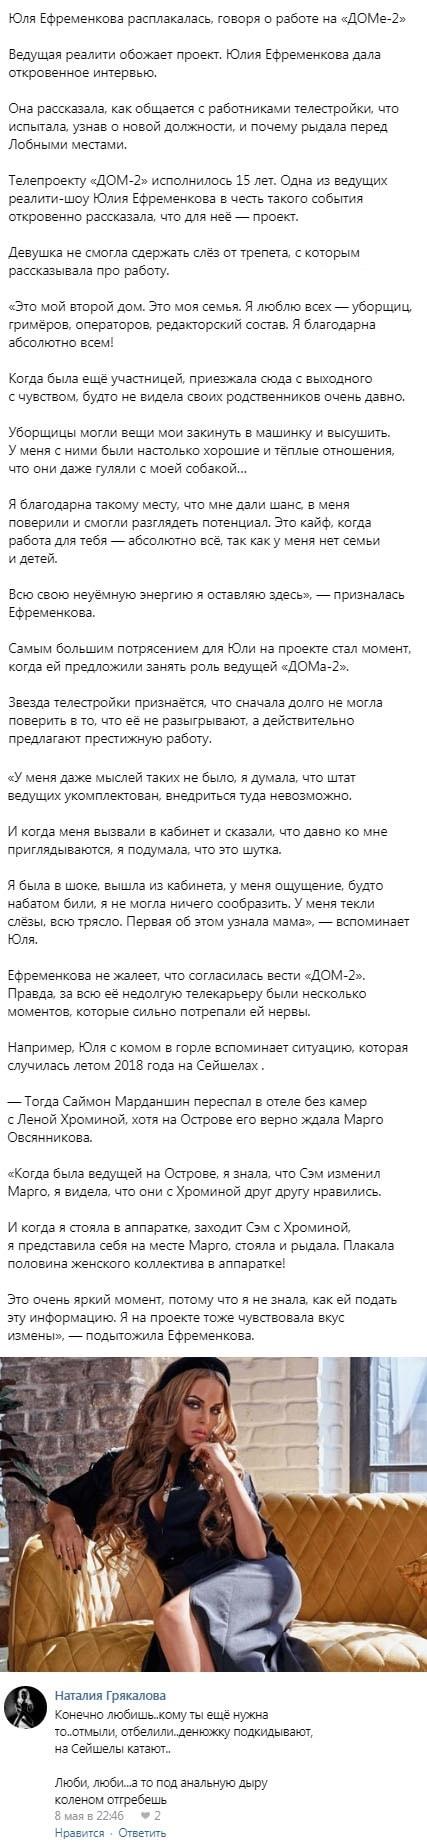 Юлия Ефременкова испугавшись скорого увольнения с проекта